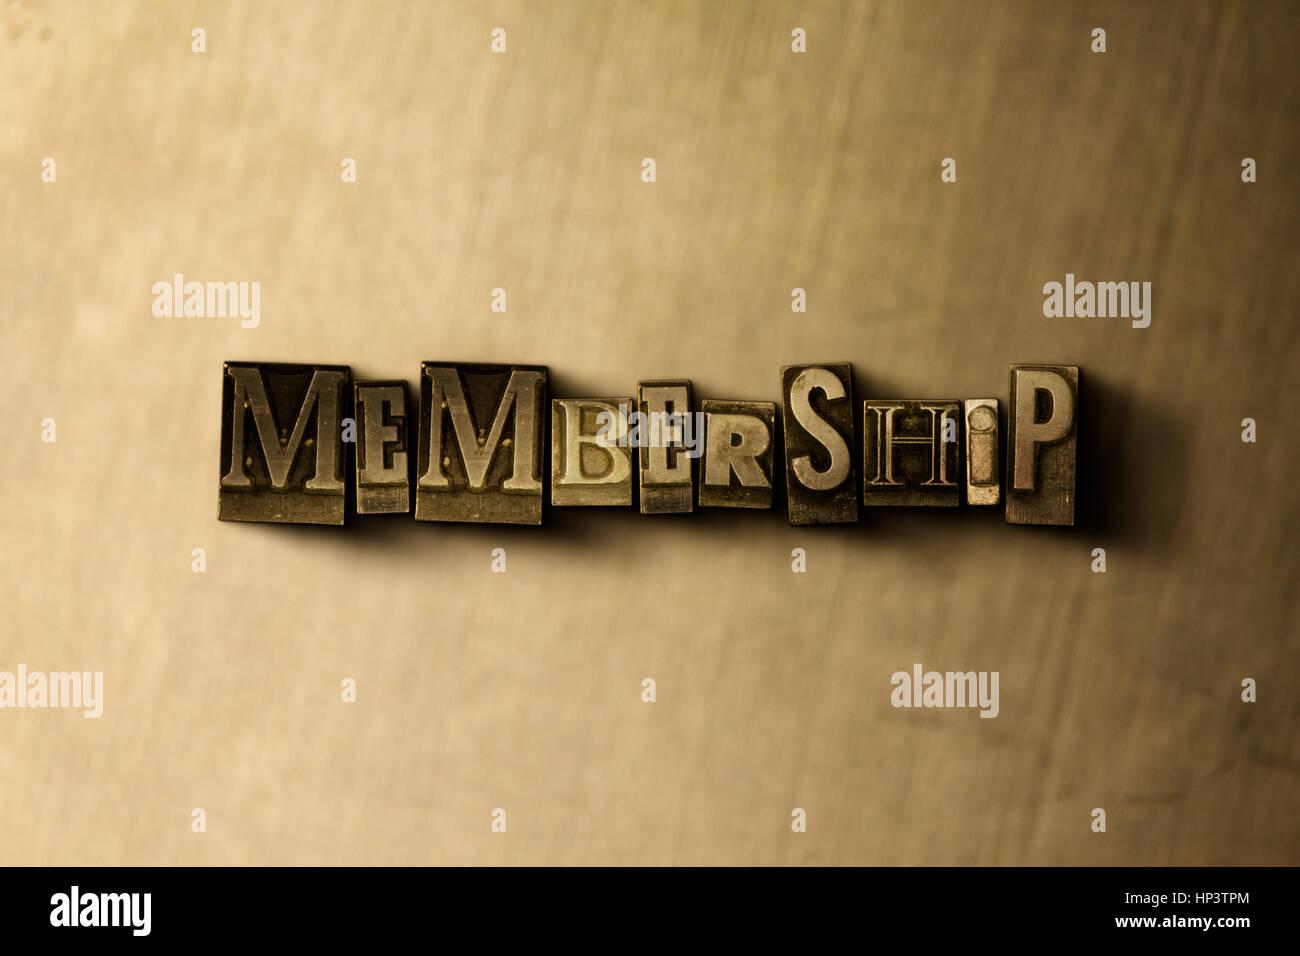 Composición - Cierre de sucio vintage tipografía palabra sobre metal como telón de fondo. Royalty Imagen De Stock